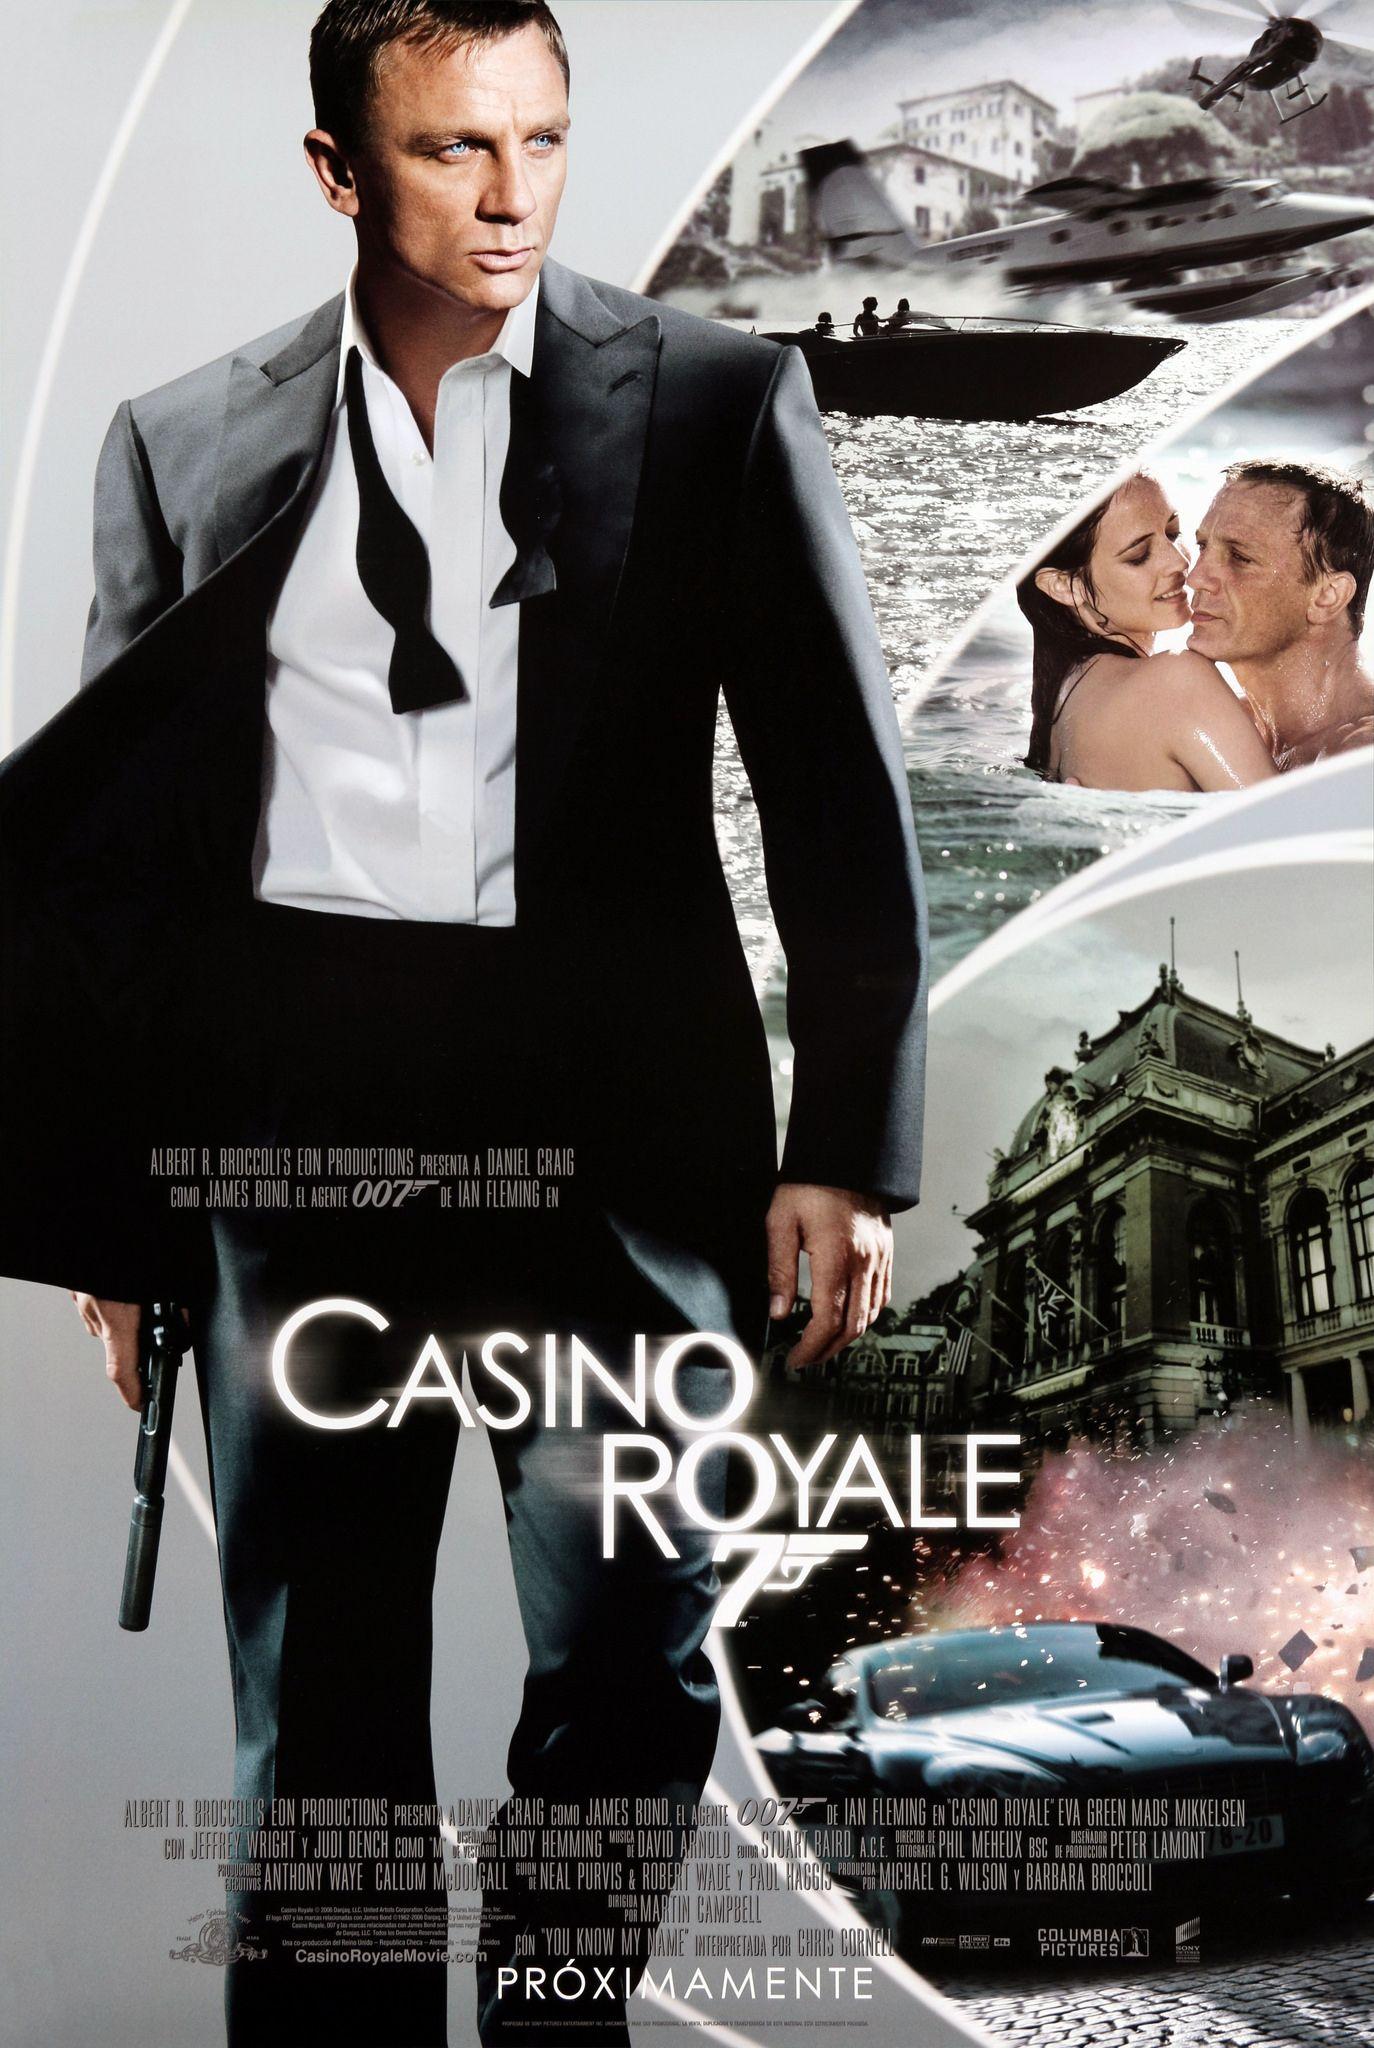 Casino Royale 007 Casino Royale Peliculas De James Bond Daniel Craig James Bond